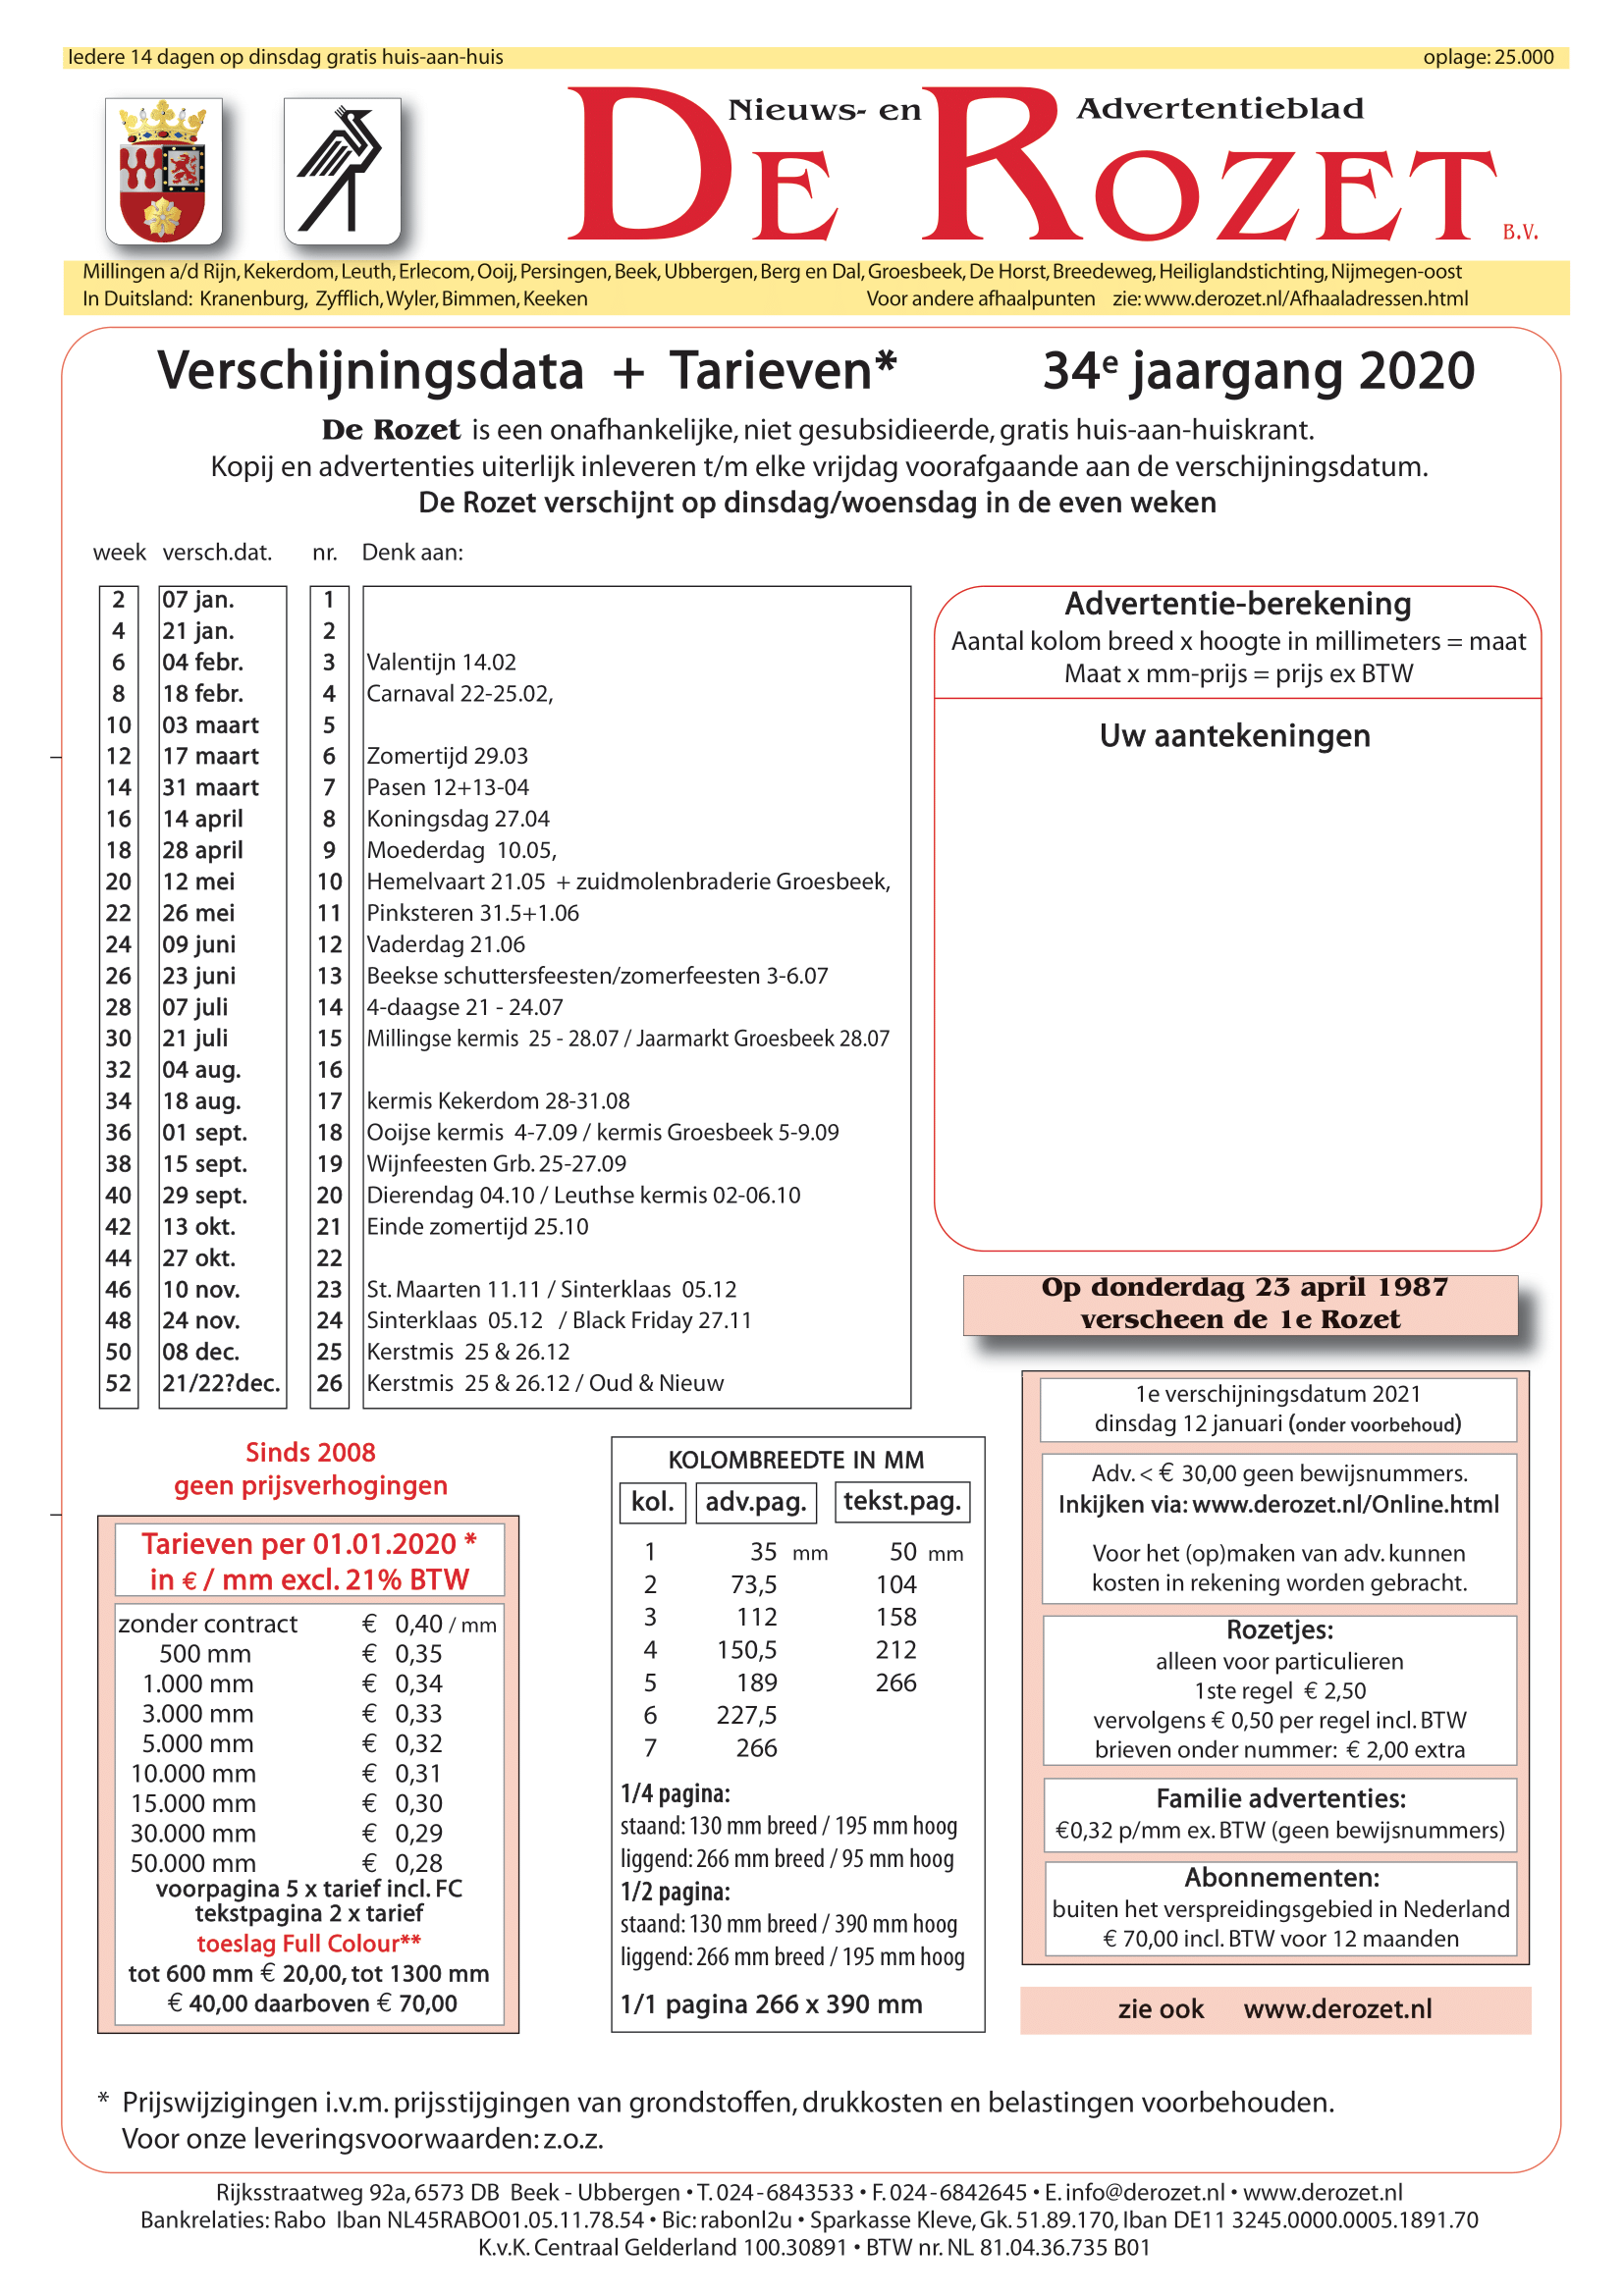 rozet-verschijningsdata-tarieven-2020-1